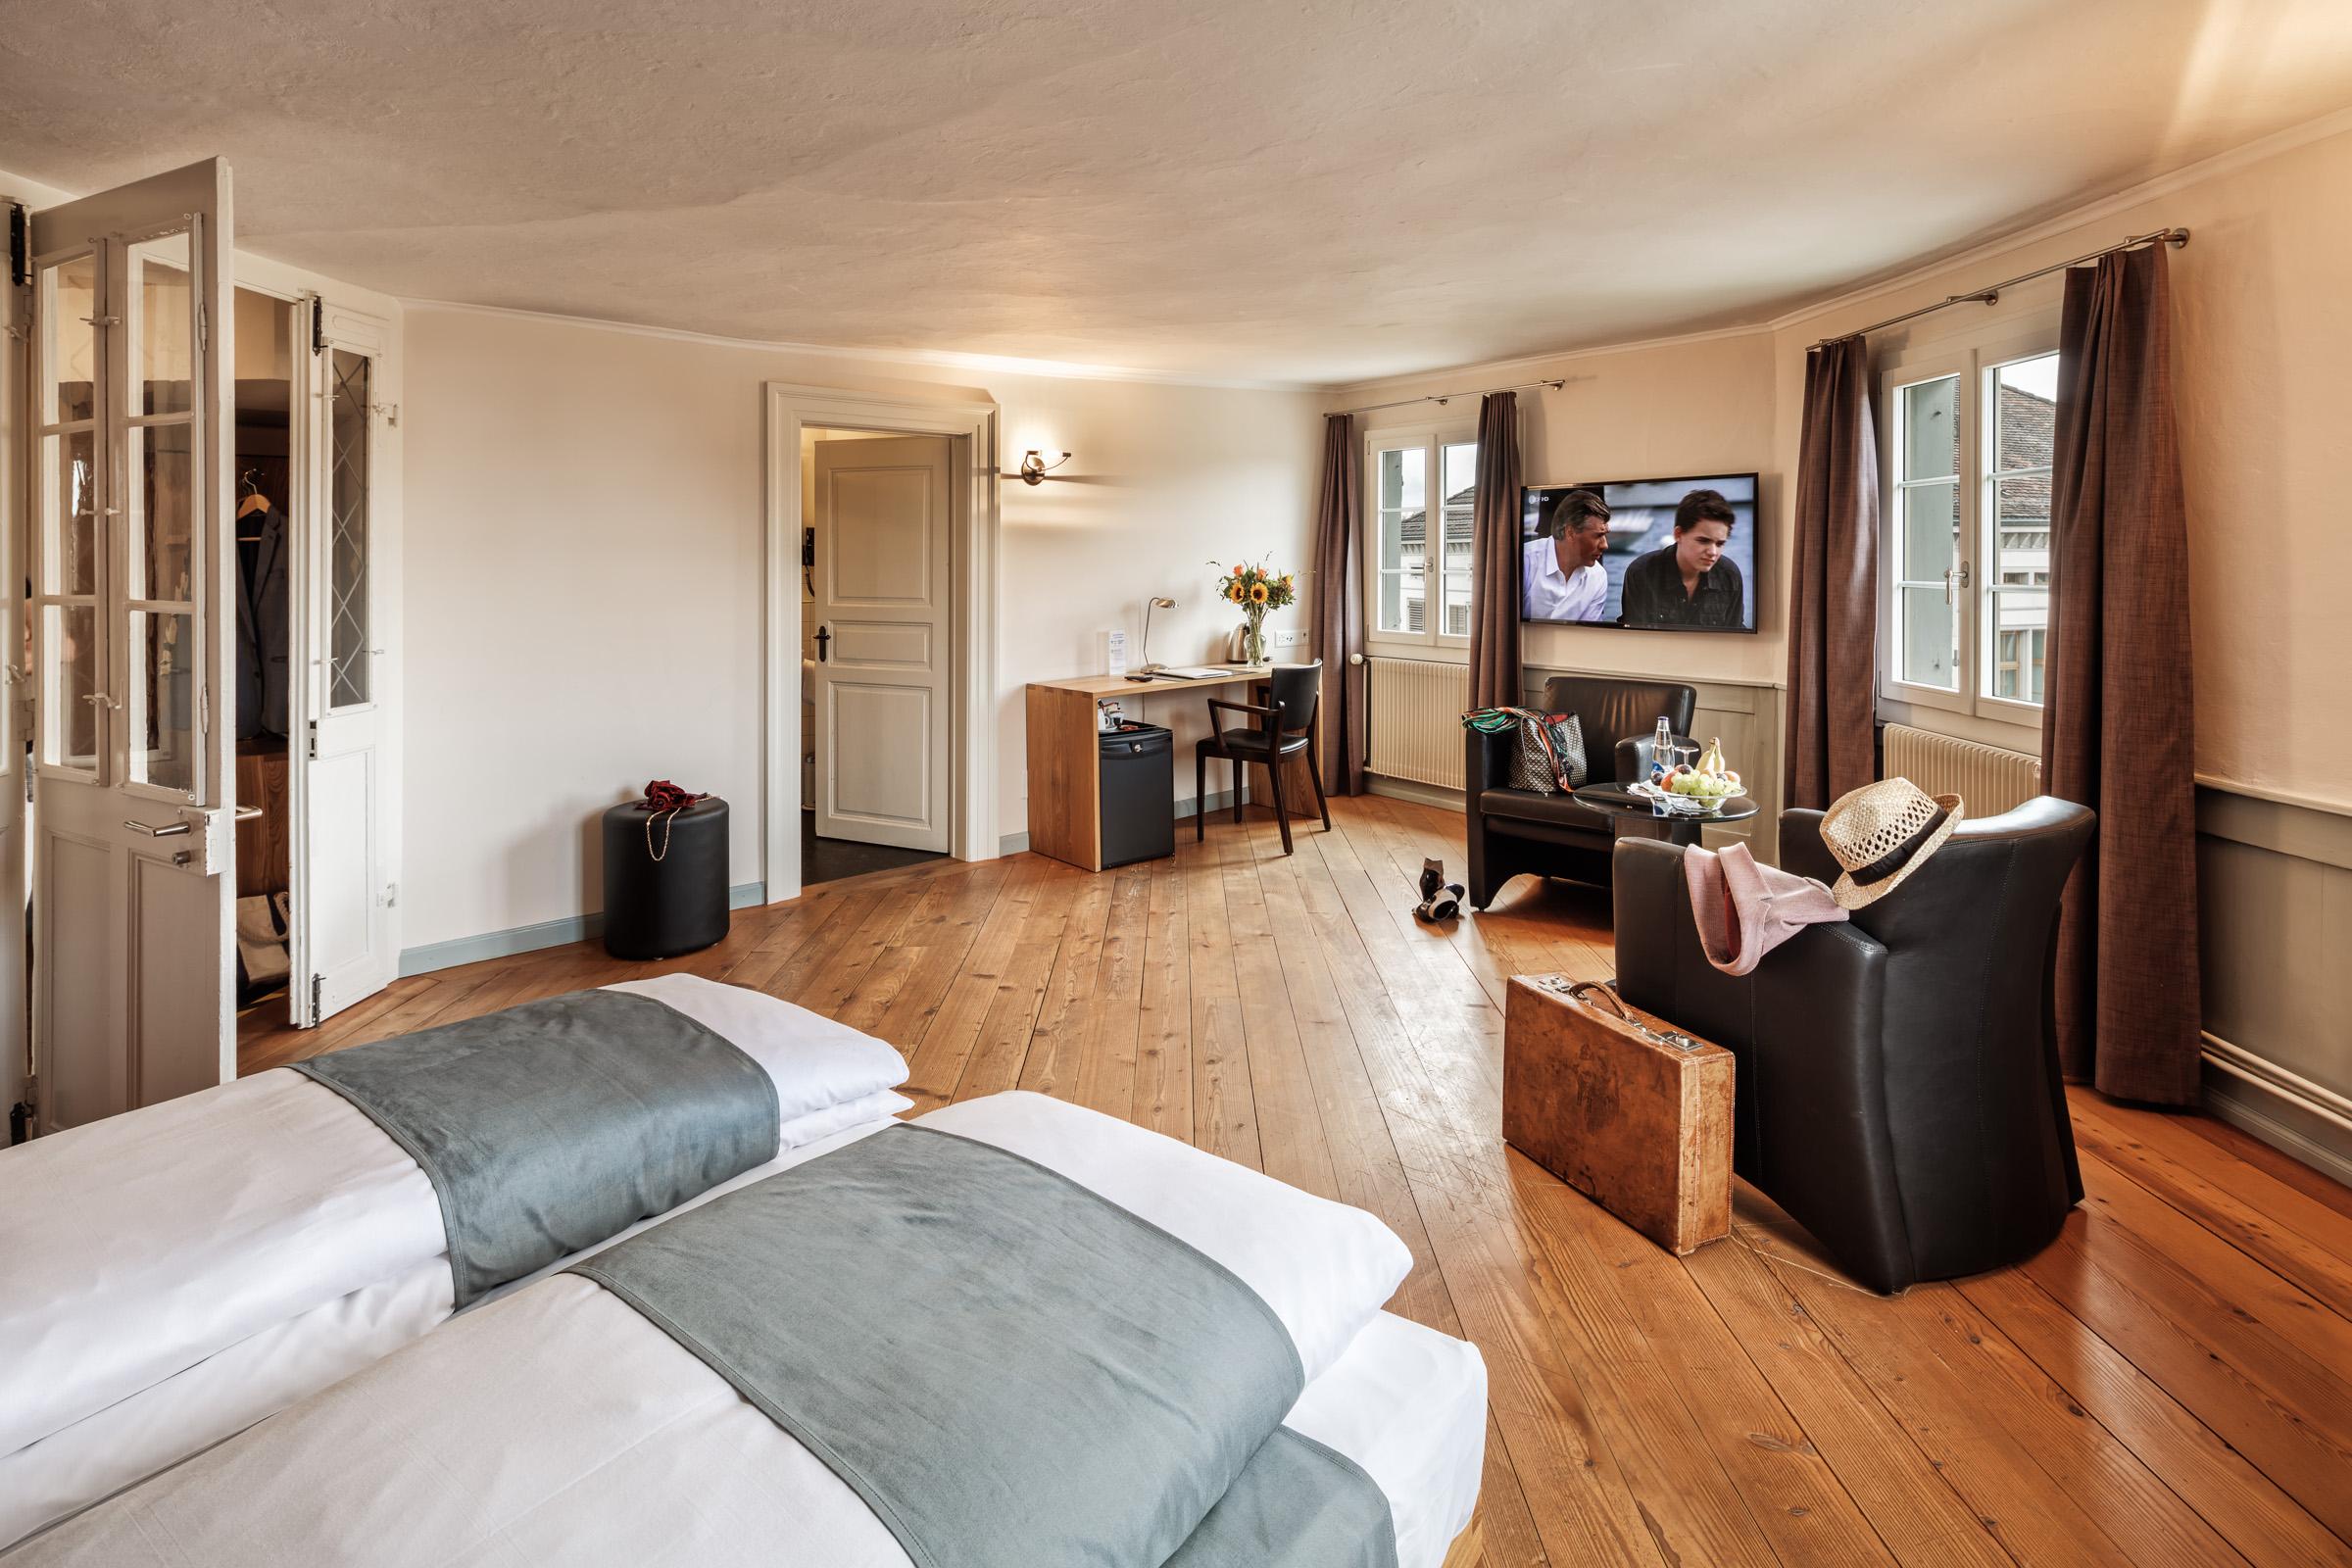 19-127 - Hotel Le Lion Bischofszell - Hotelfotografie--2.jpg